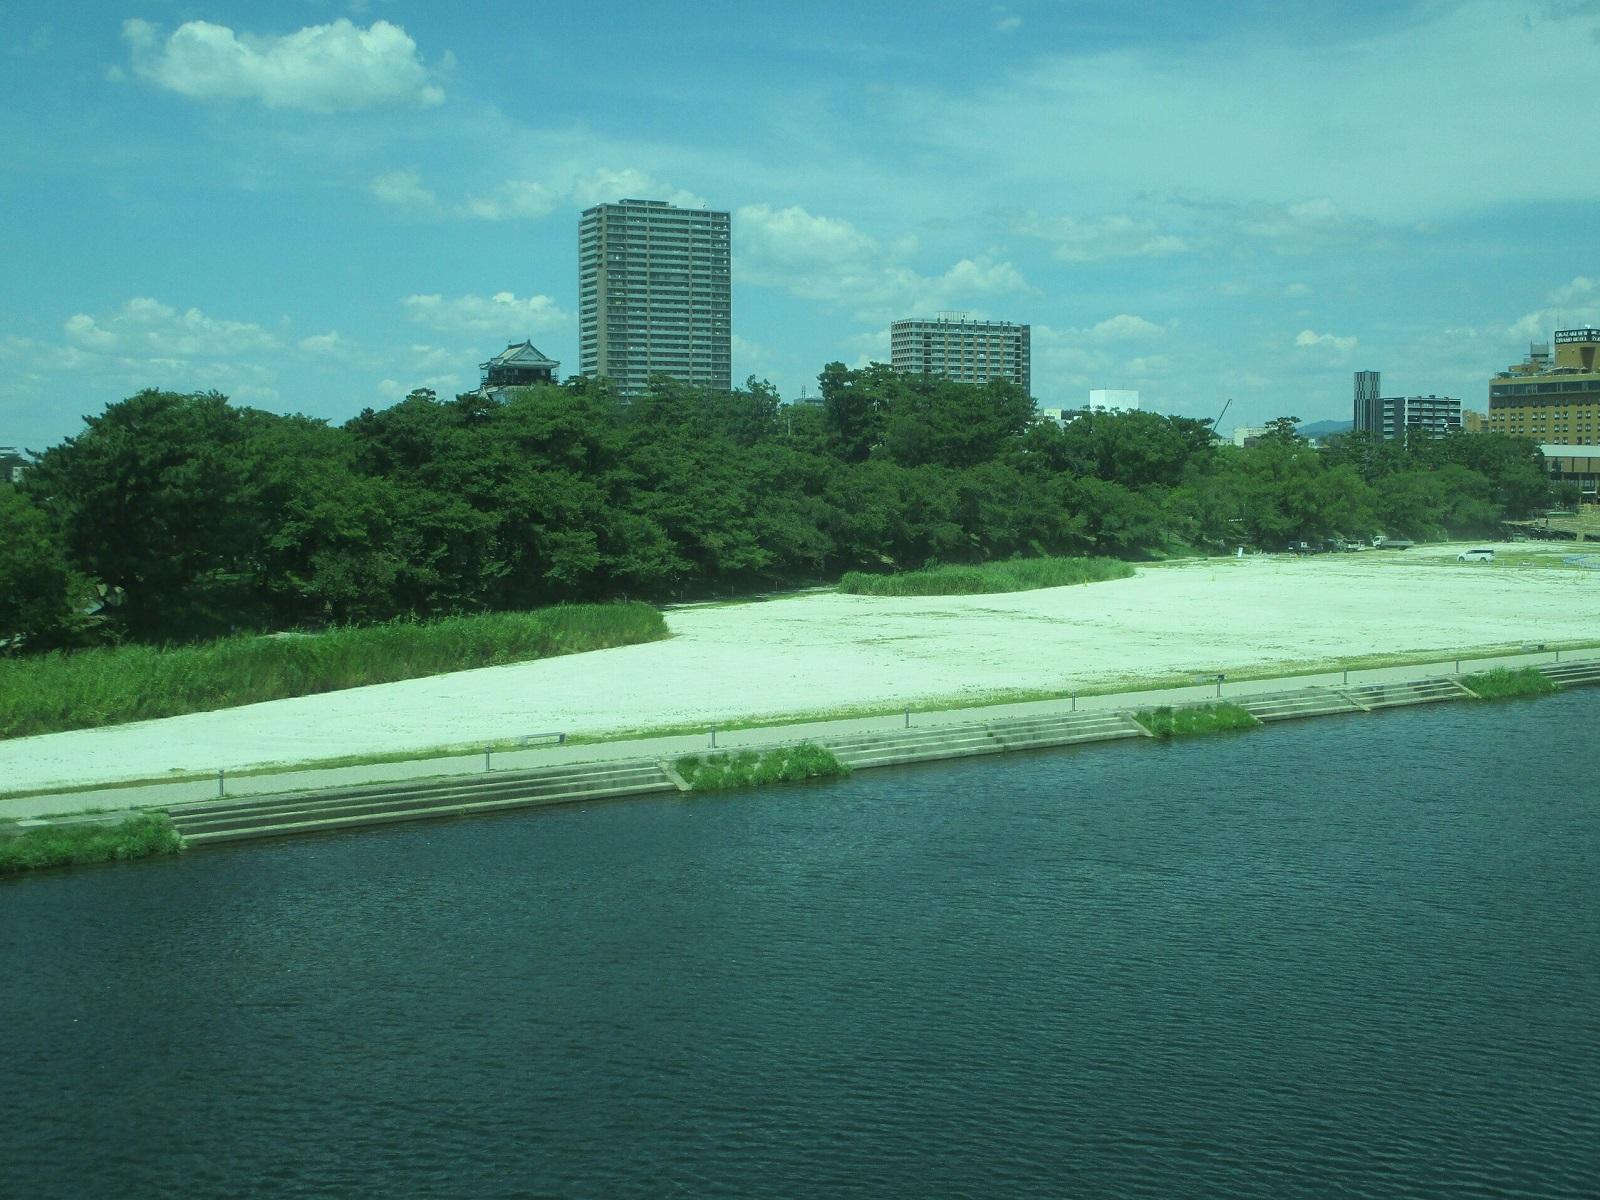 2018.7.23 (6) 東岡崎いきふつう - 菅生川をわたる 1600-1200